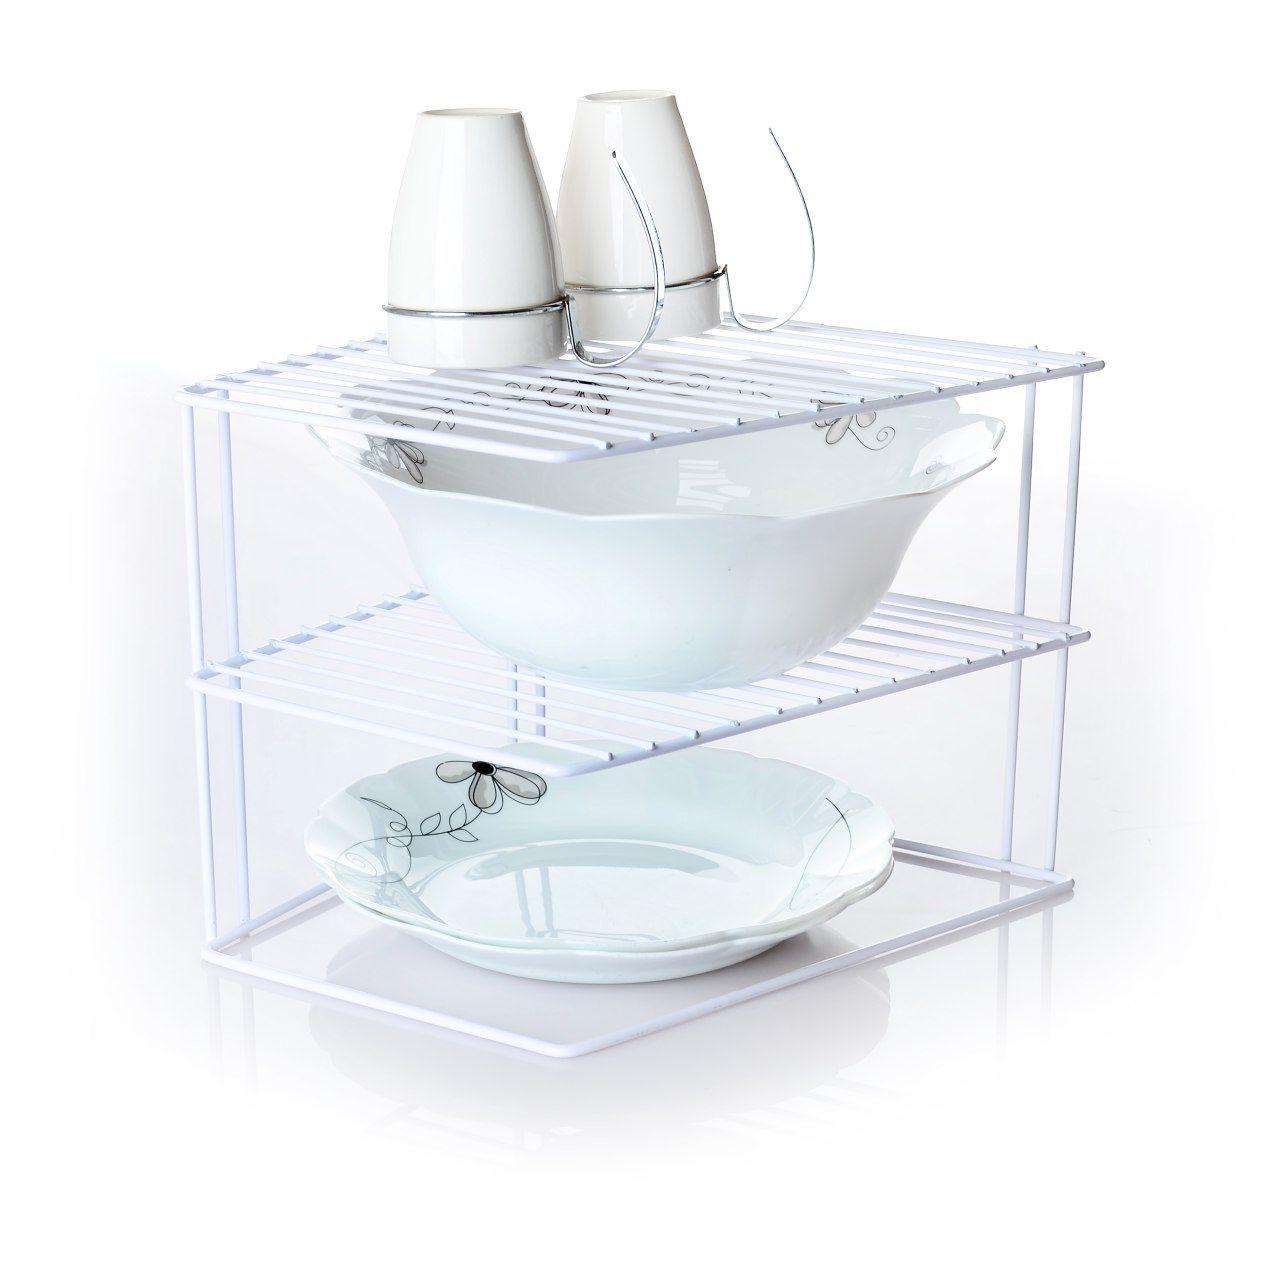 آبچکان و قفسه ی ظروف دکوری رومیزی گوشه ای